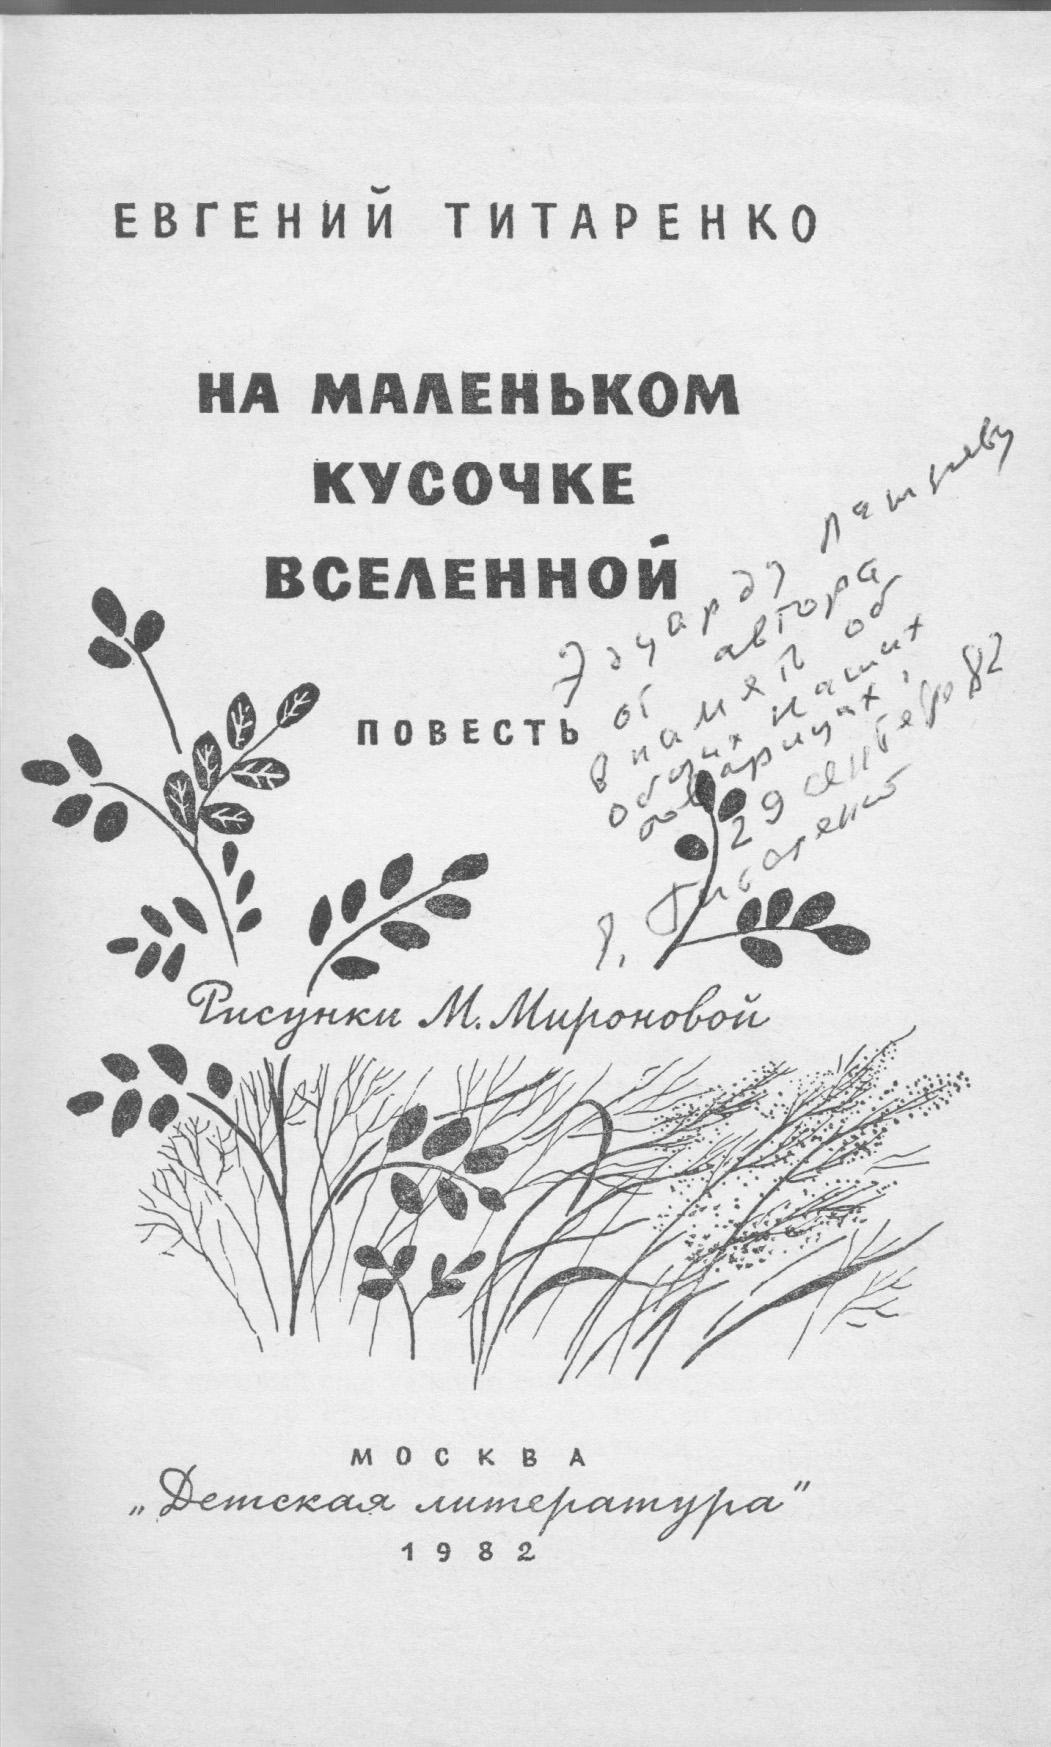 «Эдуарду Пашневу от автора в память об общих наших товарищах. 29 сентября 1982 г.» Е. Титаренко.